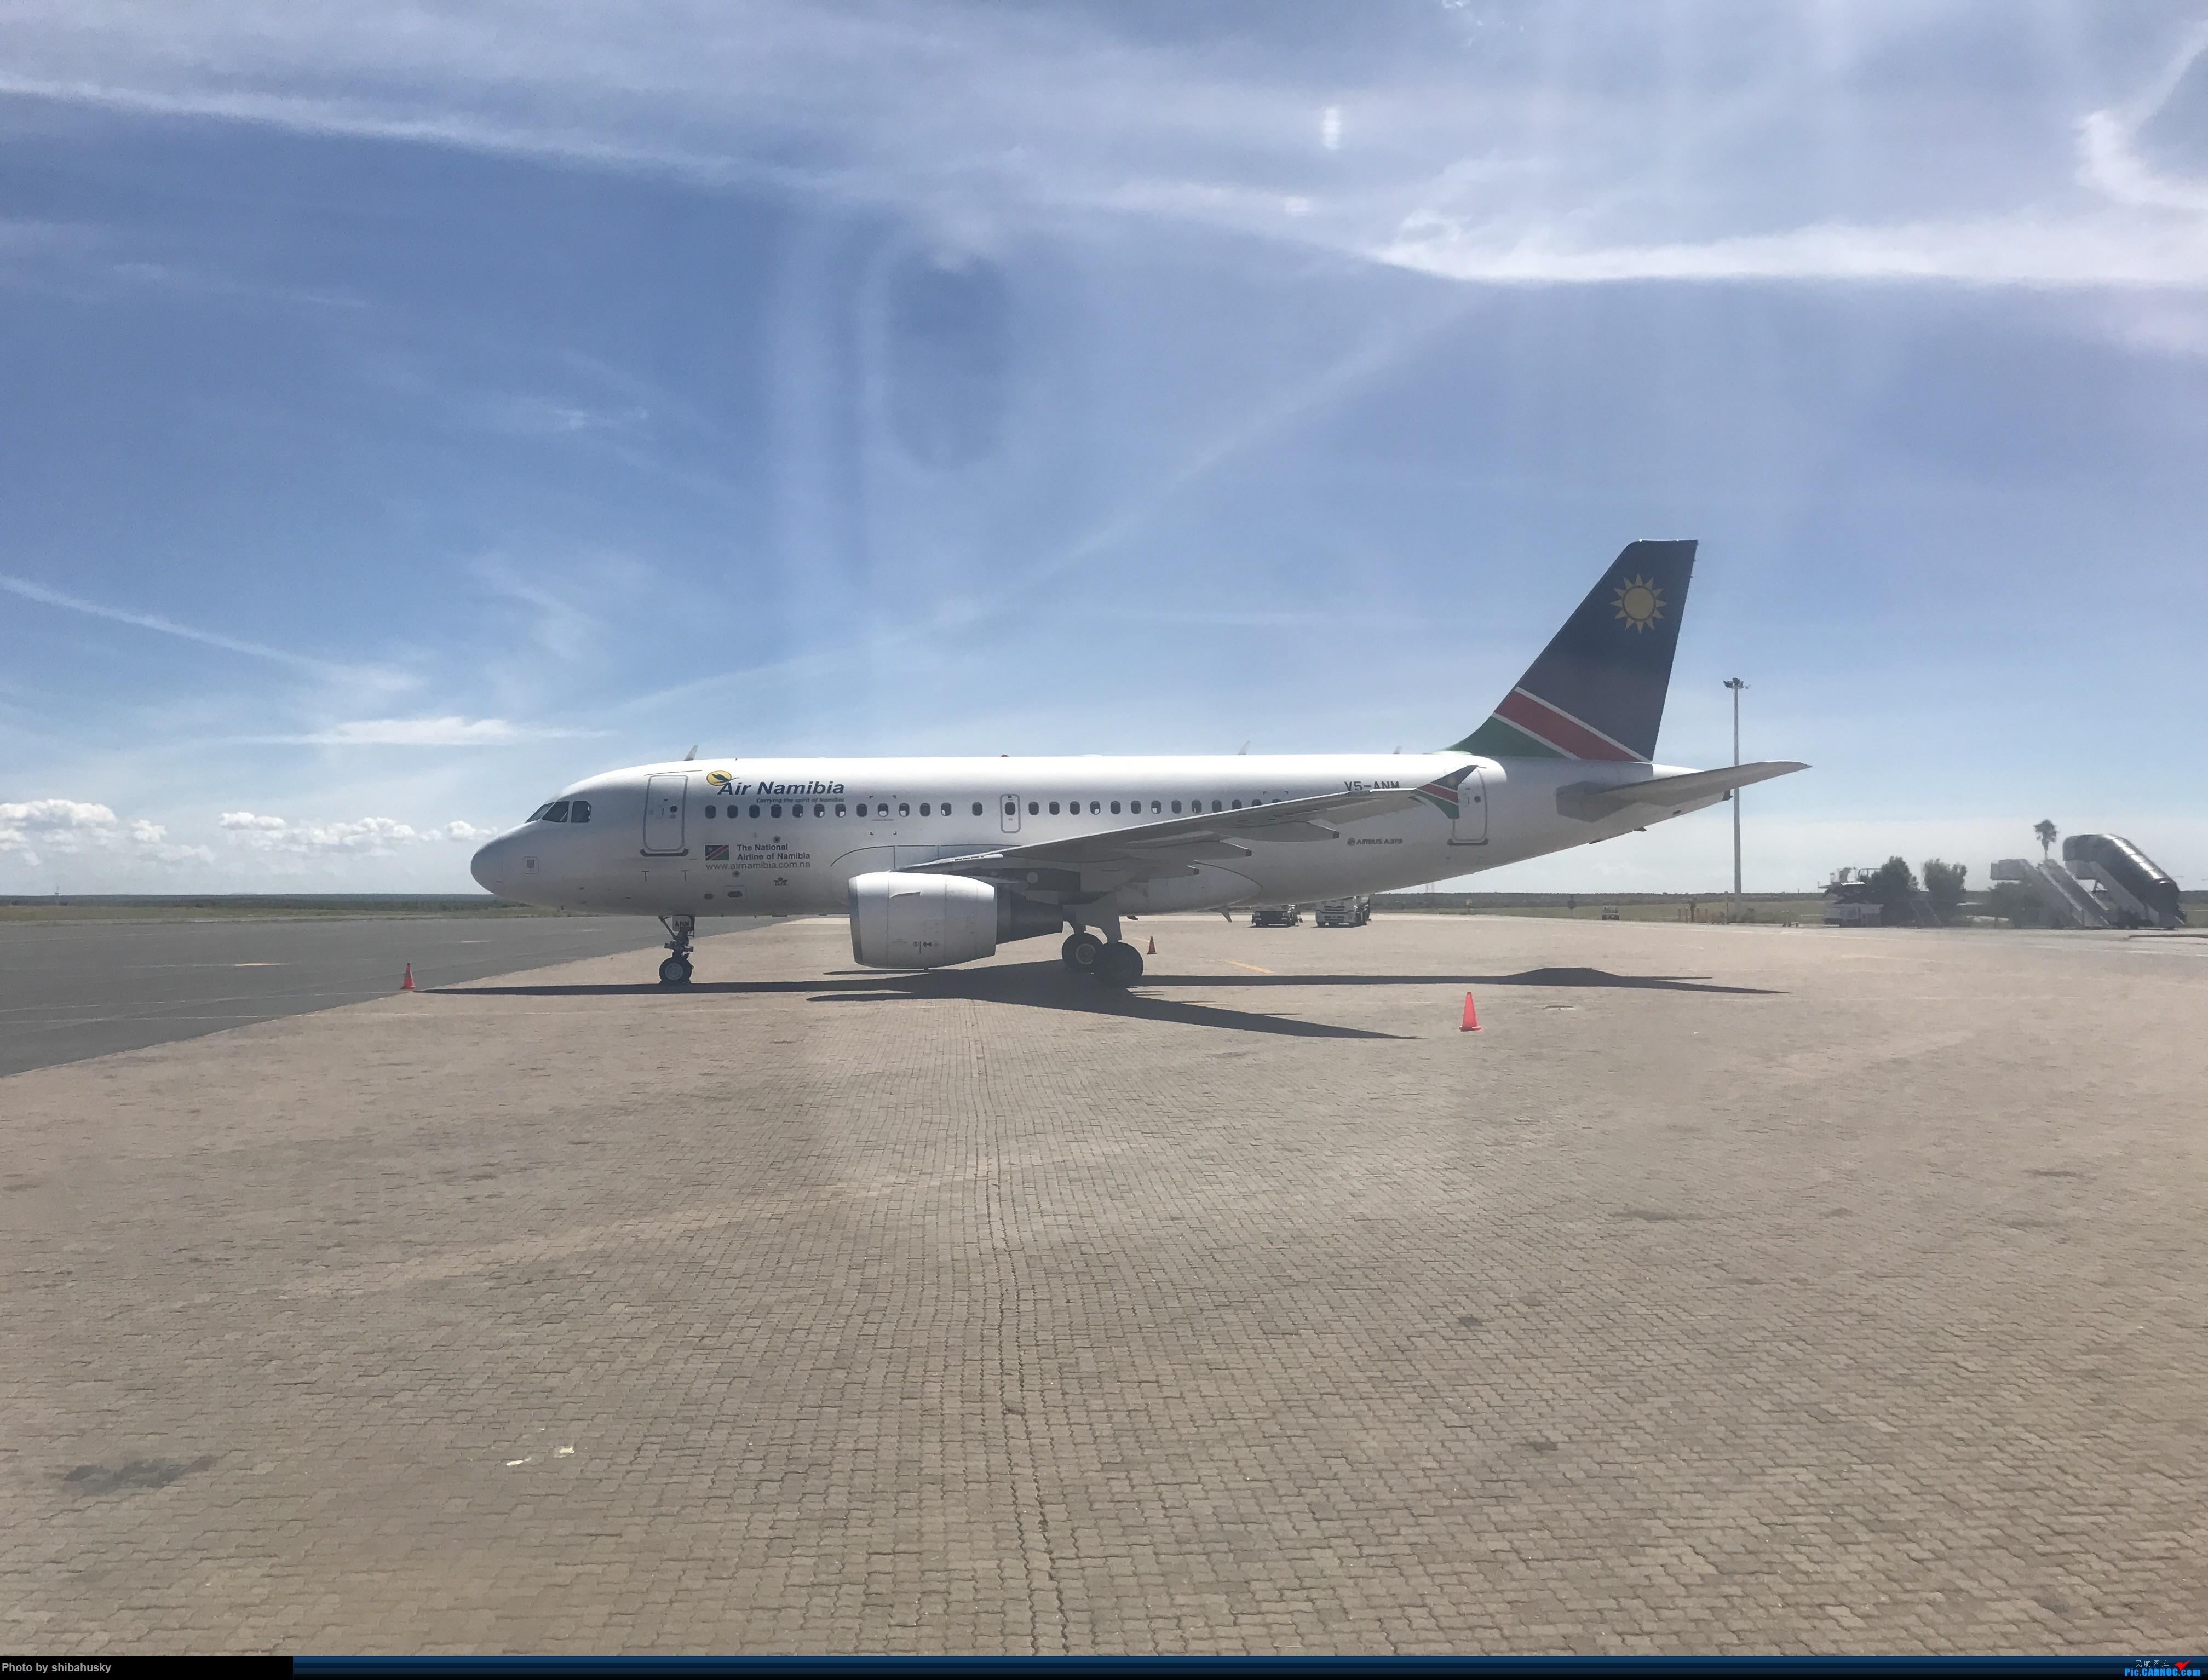 Re:新人第一帖 WVB-WDH-DOH-CDG-SOU 圣诞纳米比亚游记 体验稀有机型加辗转回英 AIRBUS A319 V5-ANM 温得和克机场